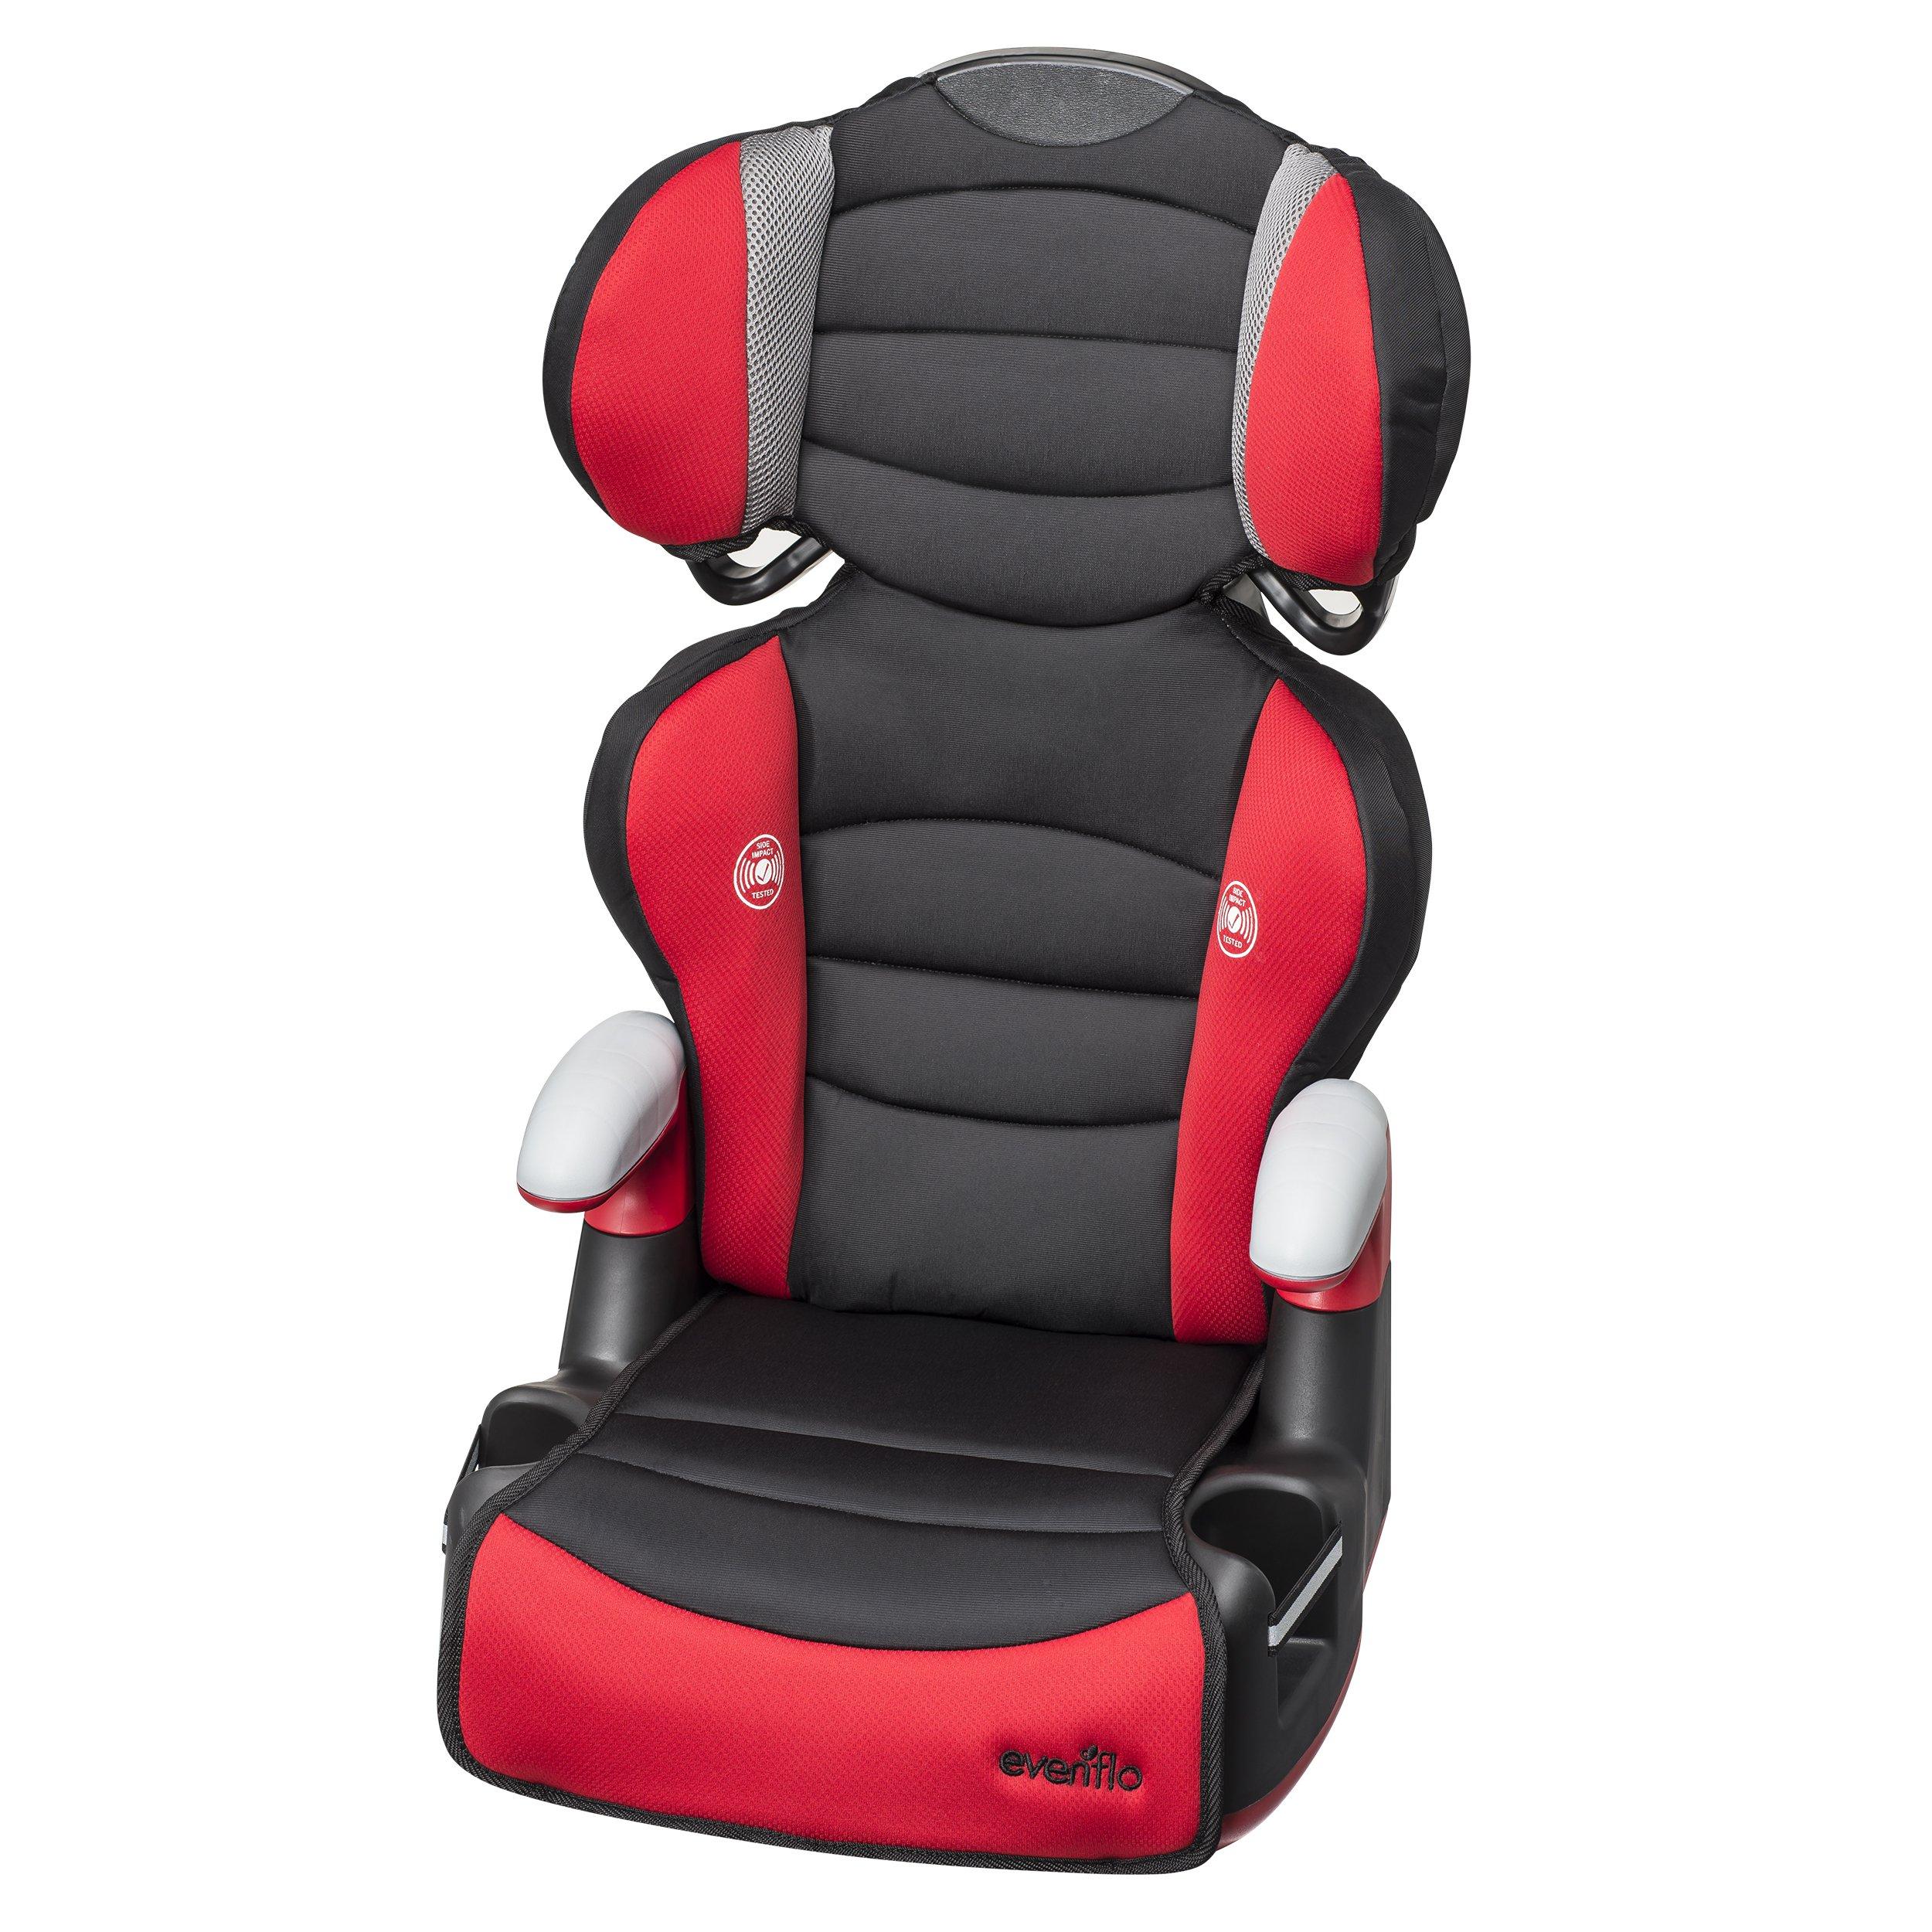 Evenflo Big Kid High Back Booster Car Seat, Denver